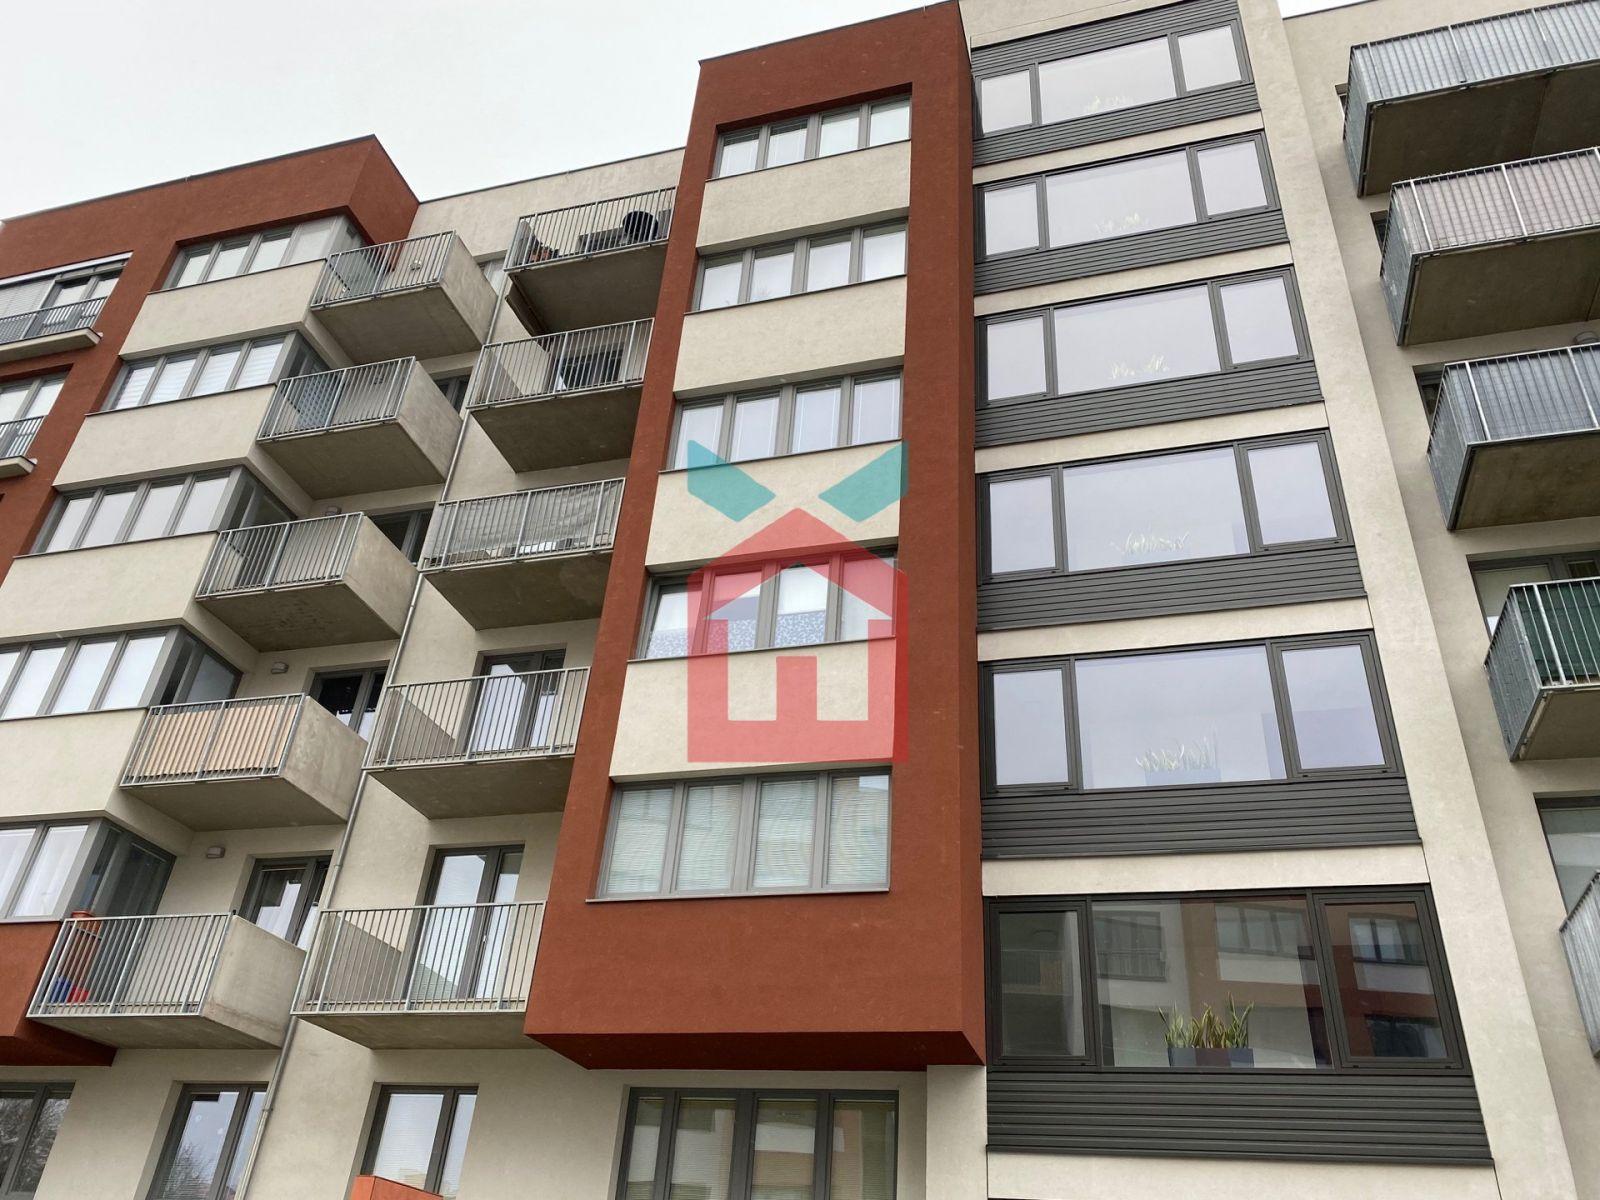 Prodej, Byty 3+kk, 92m2 s terasou, kryt. parkovací stání a 2x sklep - vše v ceně - Olomouc - Řepčín